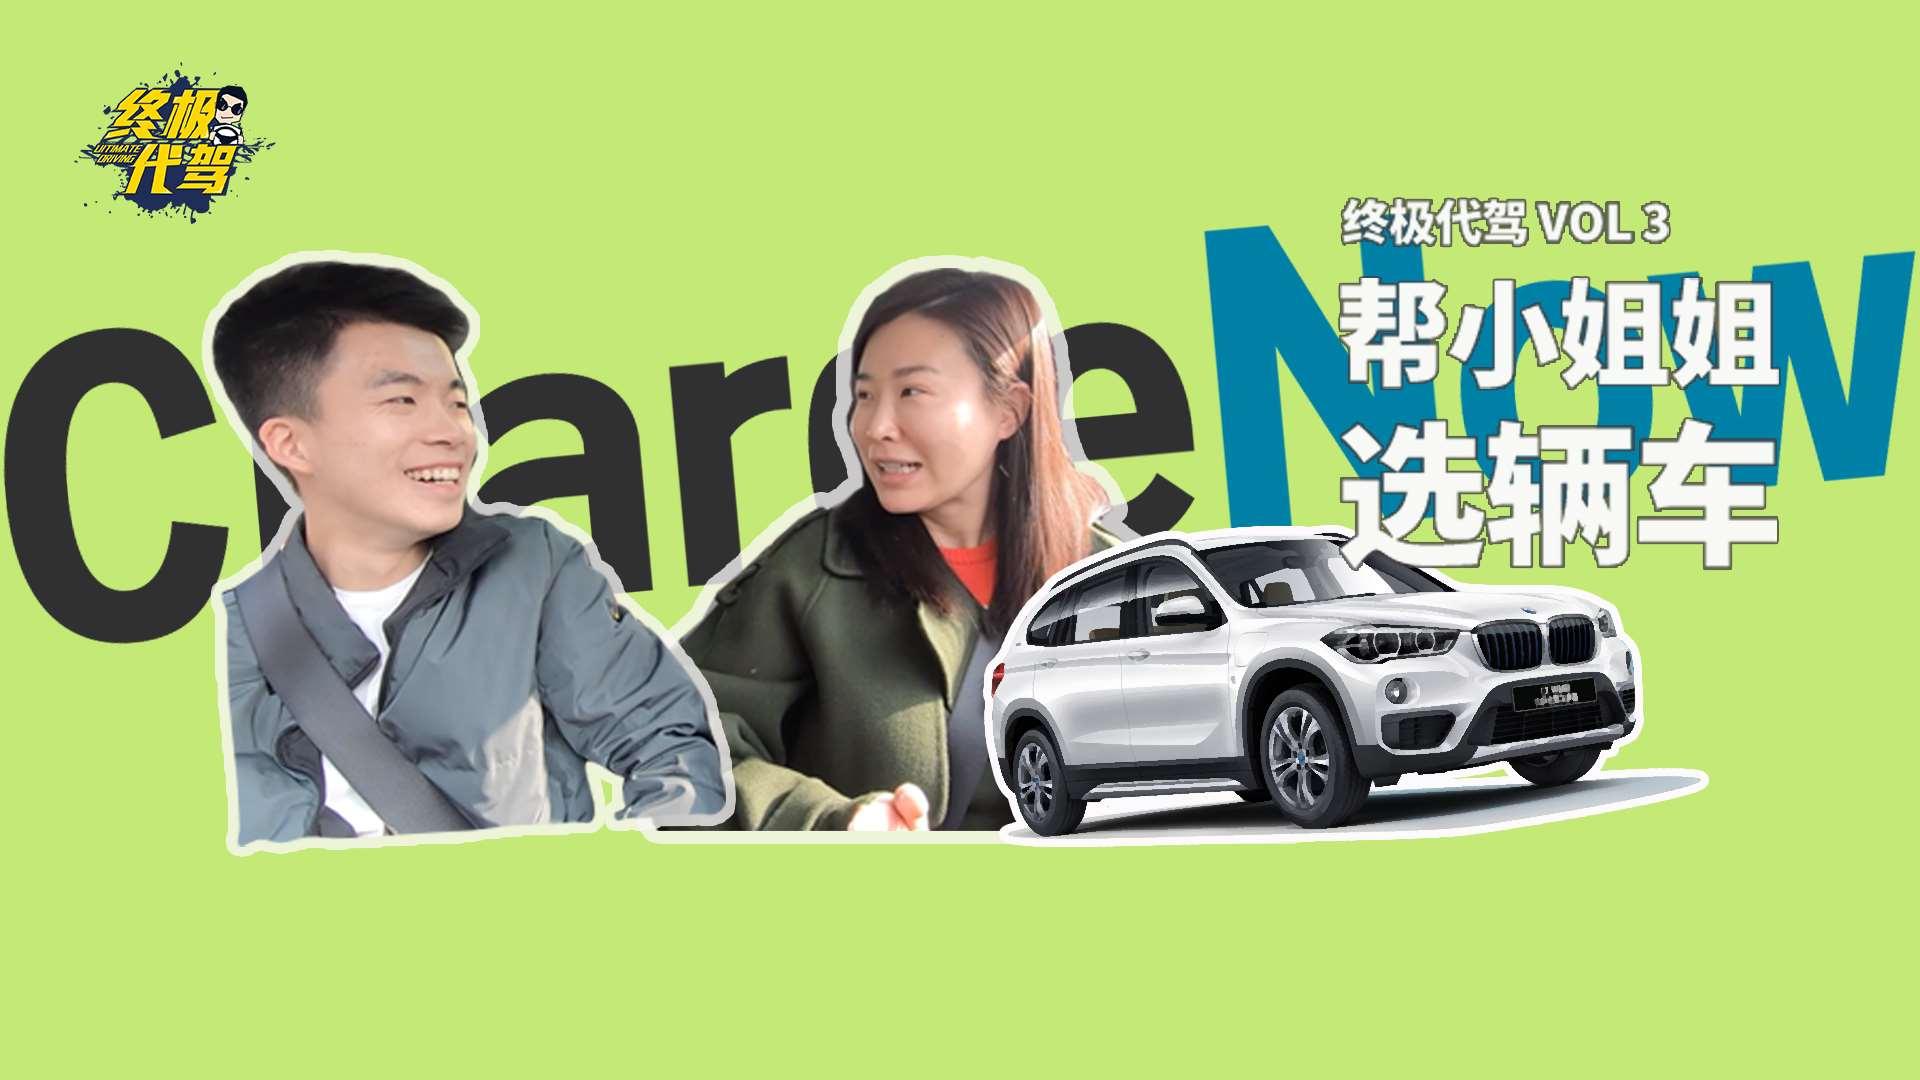 豪华品牌混动车并不贵,30万就提全新宝马SUV!